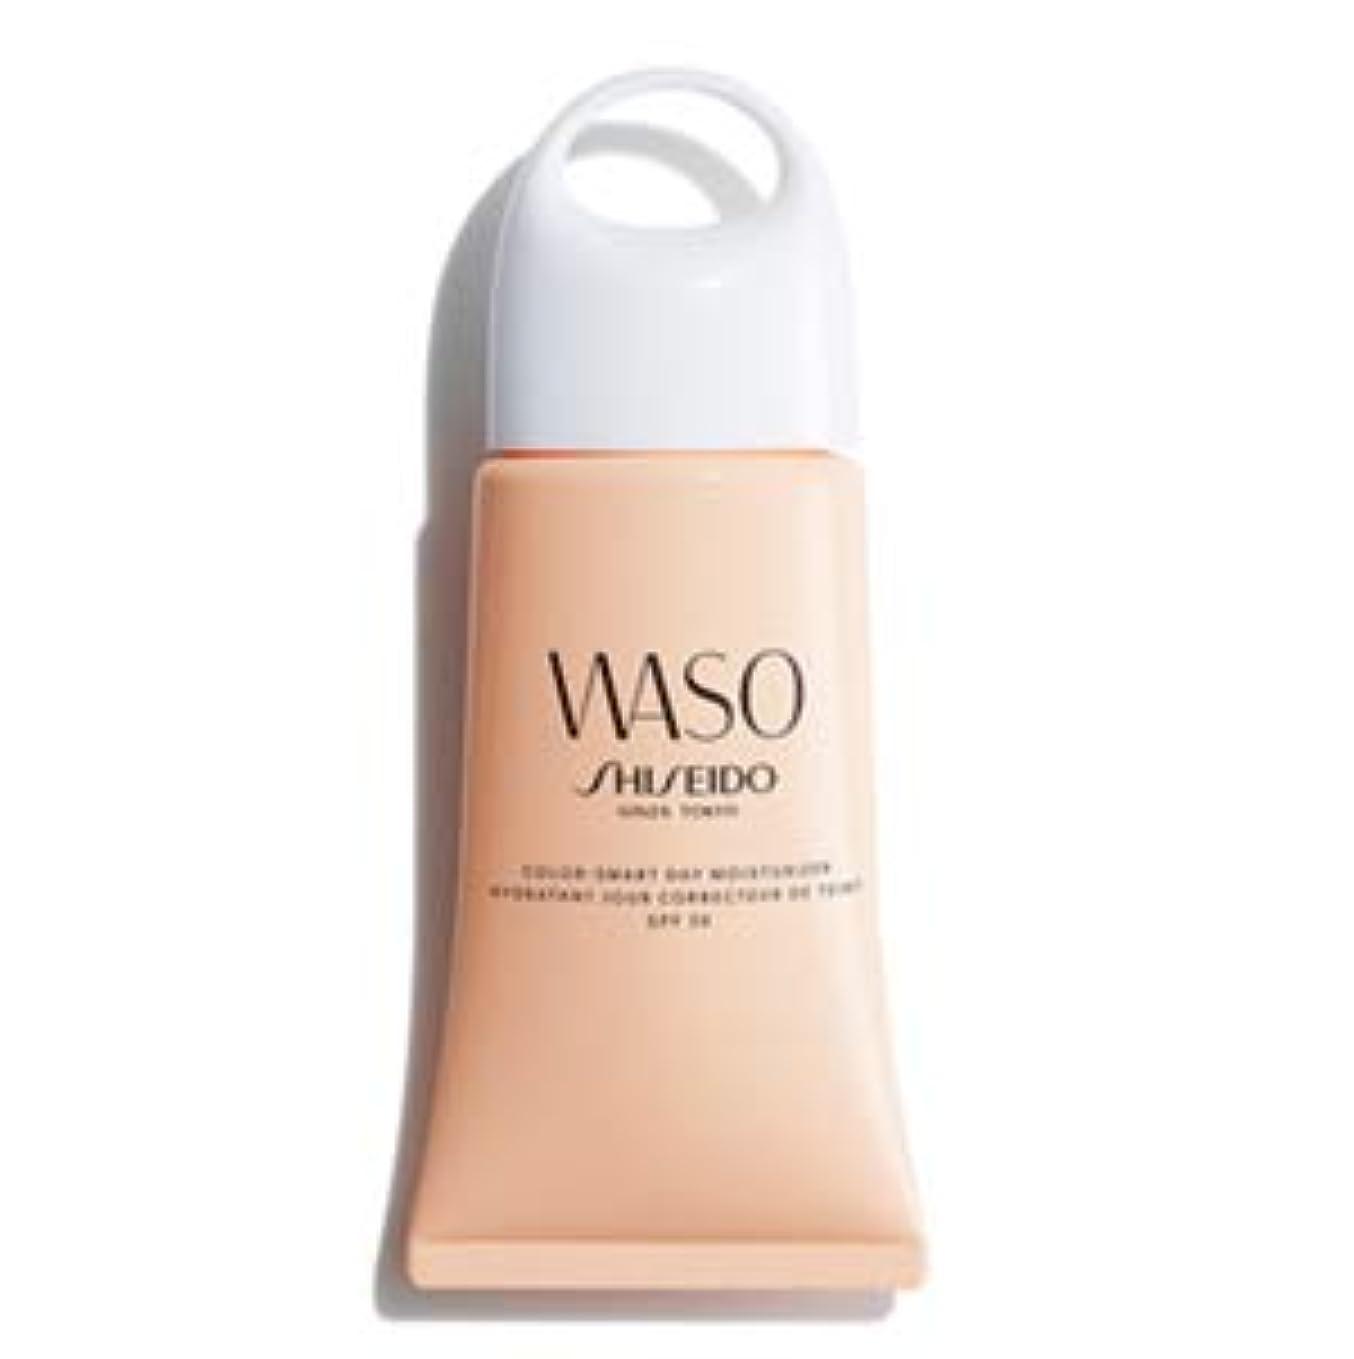 ピニオン芝生第二にWASO(ワソウ) カラー スマート デー モイスチャライザー PA+++ / SPF30 (日中用乳液)_53g